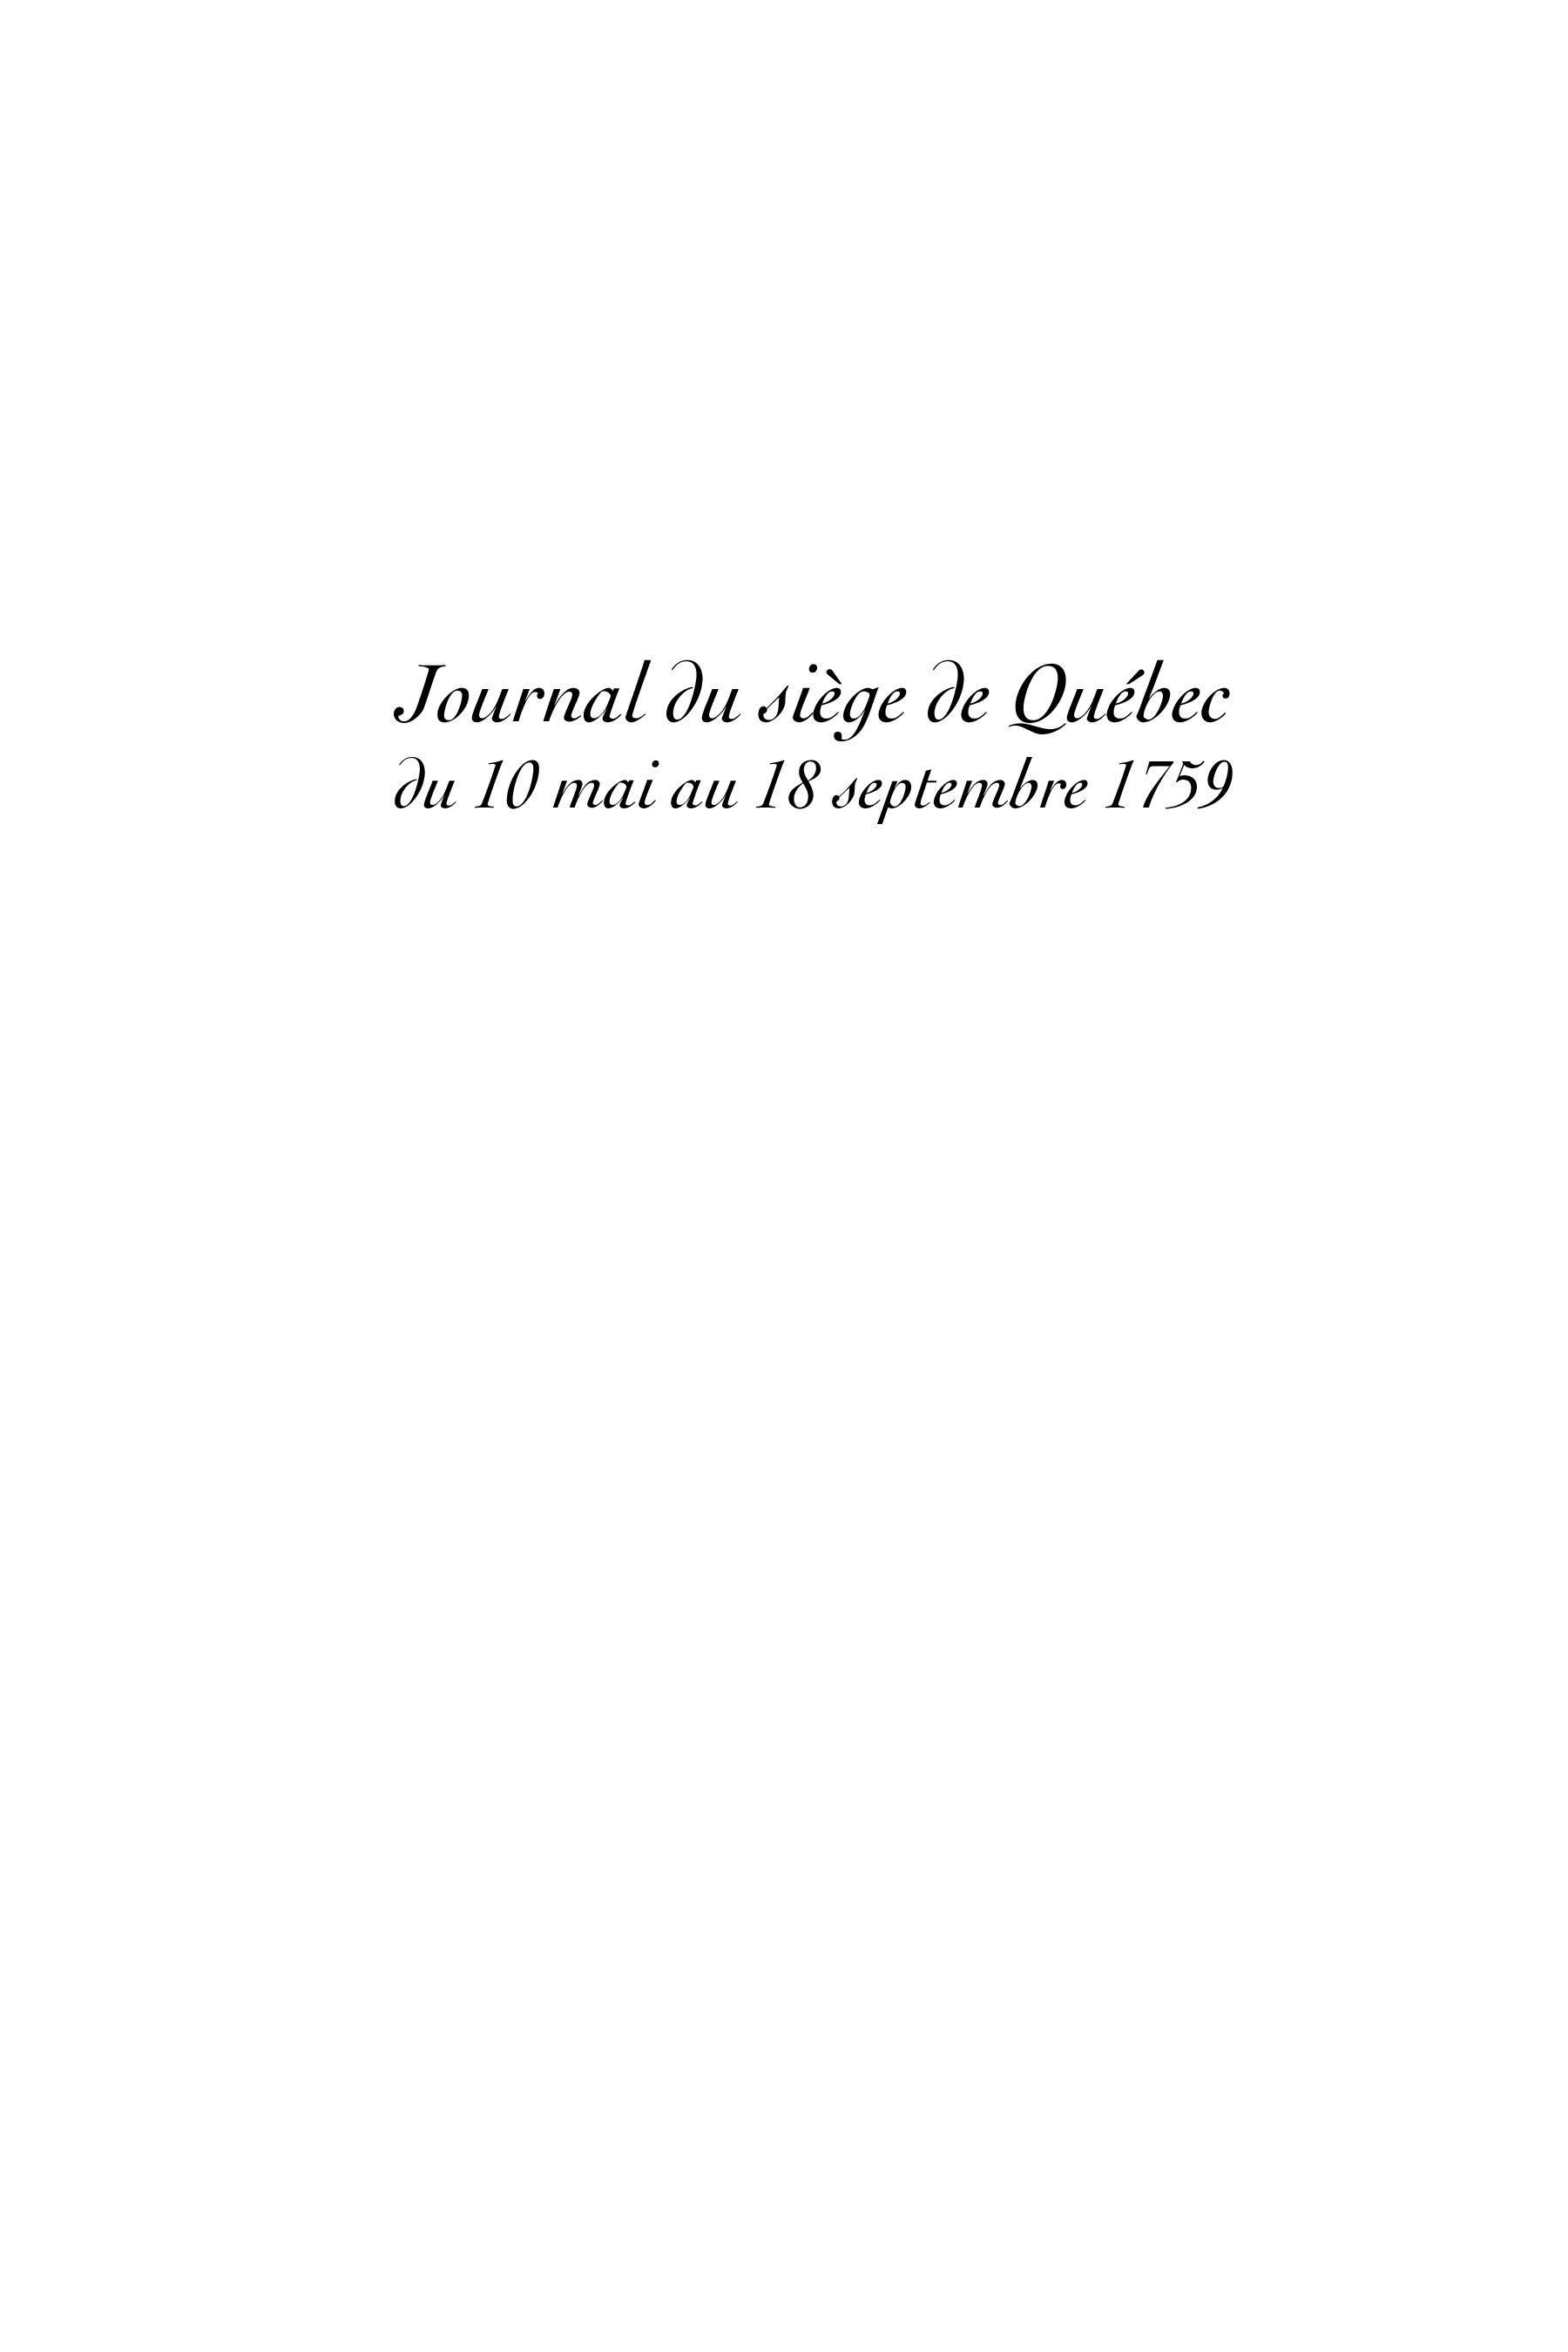 Journal du siège de Québec : Du 10 mai au 18 septembre 1759